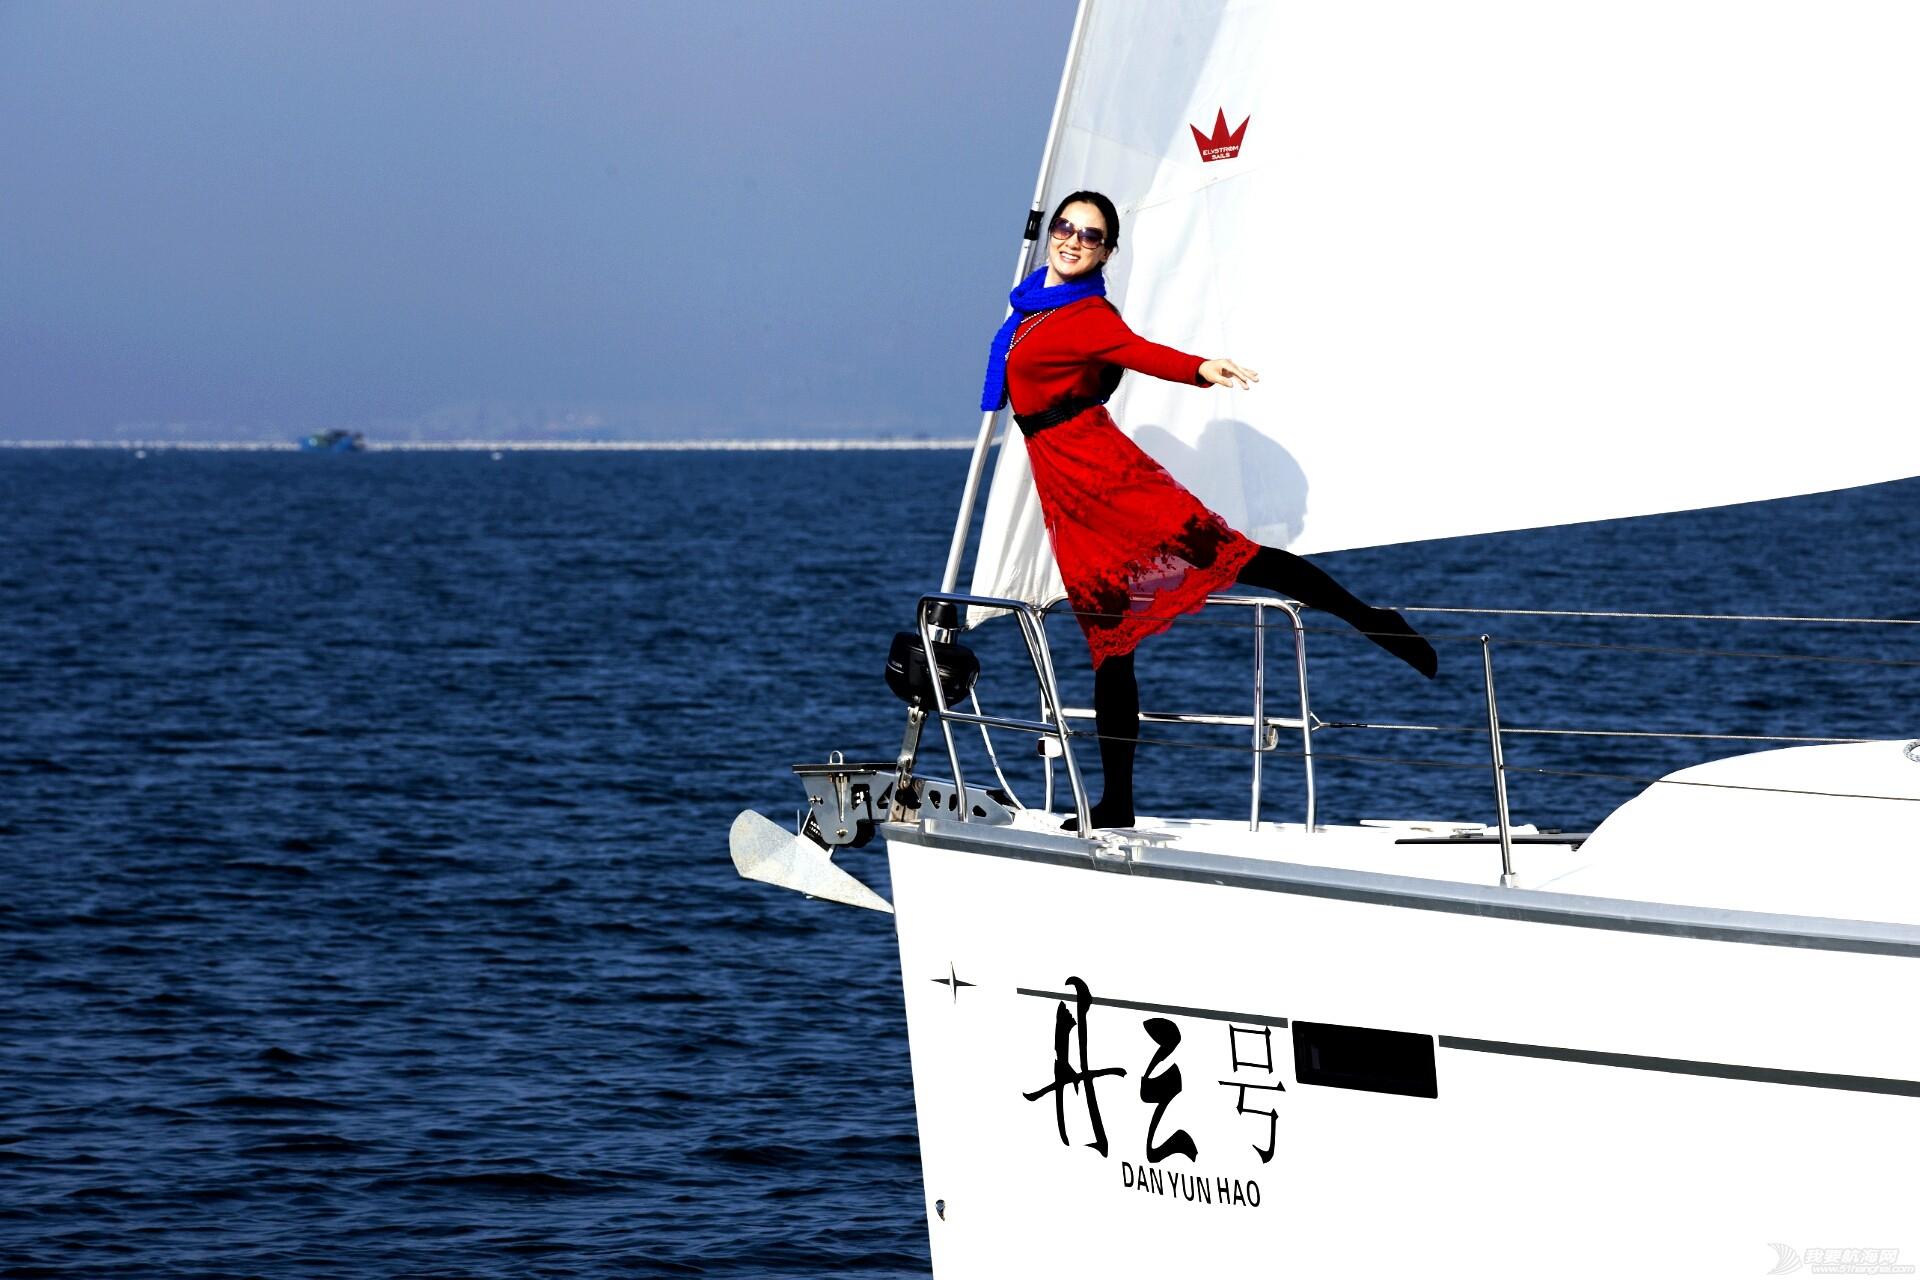 丹云号航海日志四十三:浪花似雪,梦如蓝——五年航海生活感悟